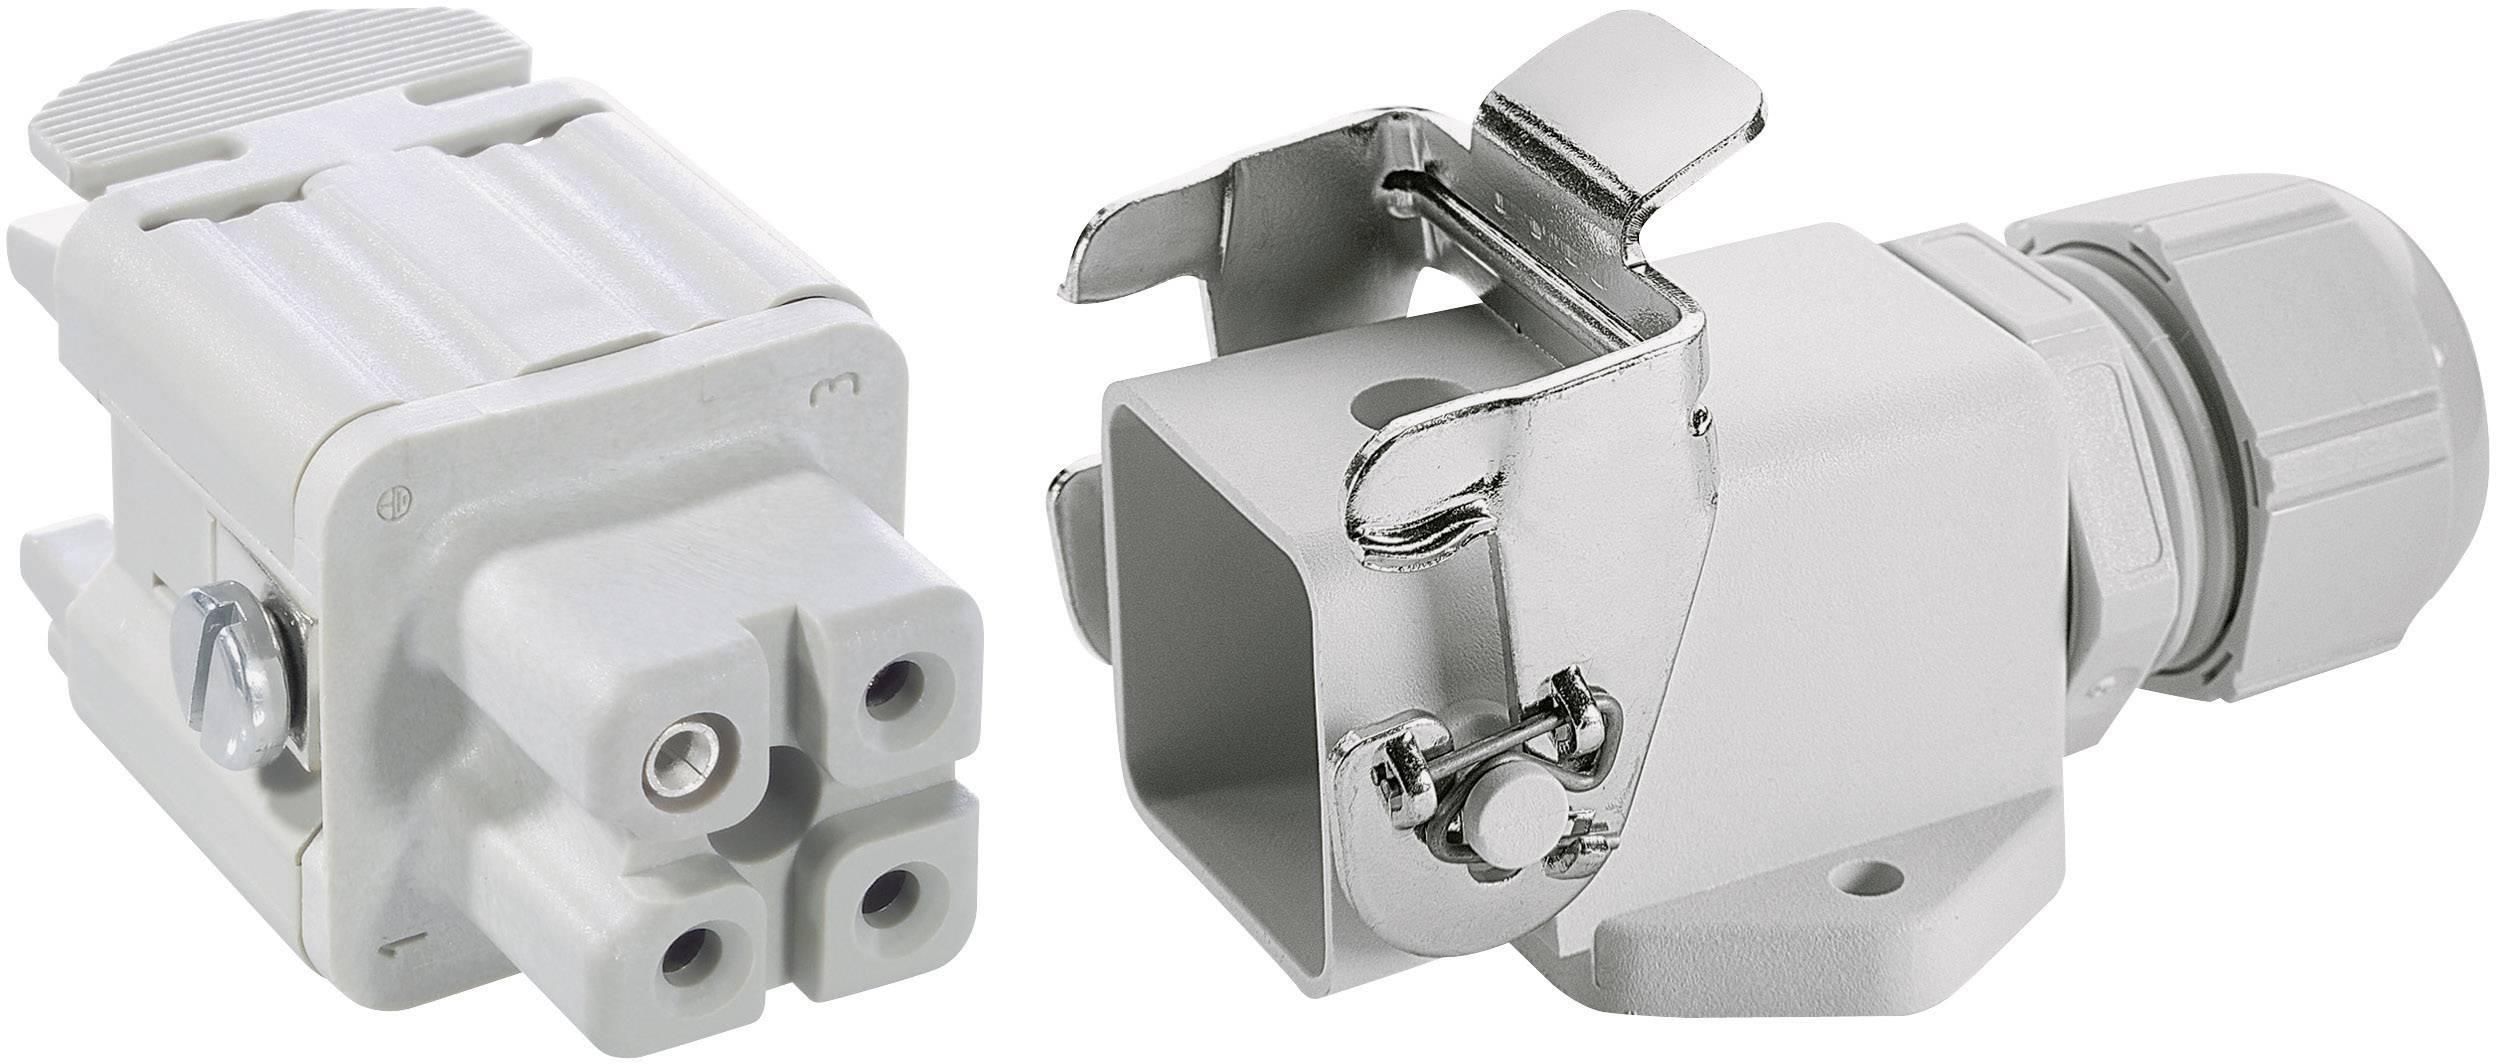 Sada konektorů EPIC®KIT H-A 3 75009609 LAPP 3 + PE šroubovací 1 sada